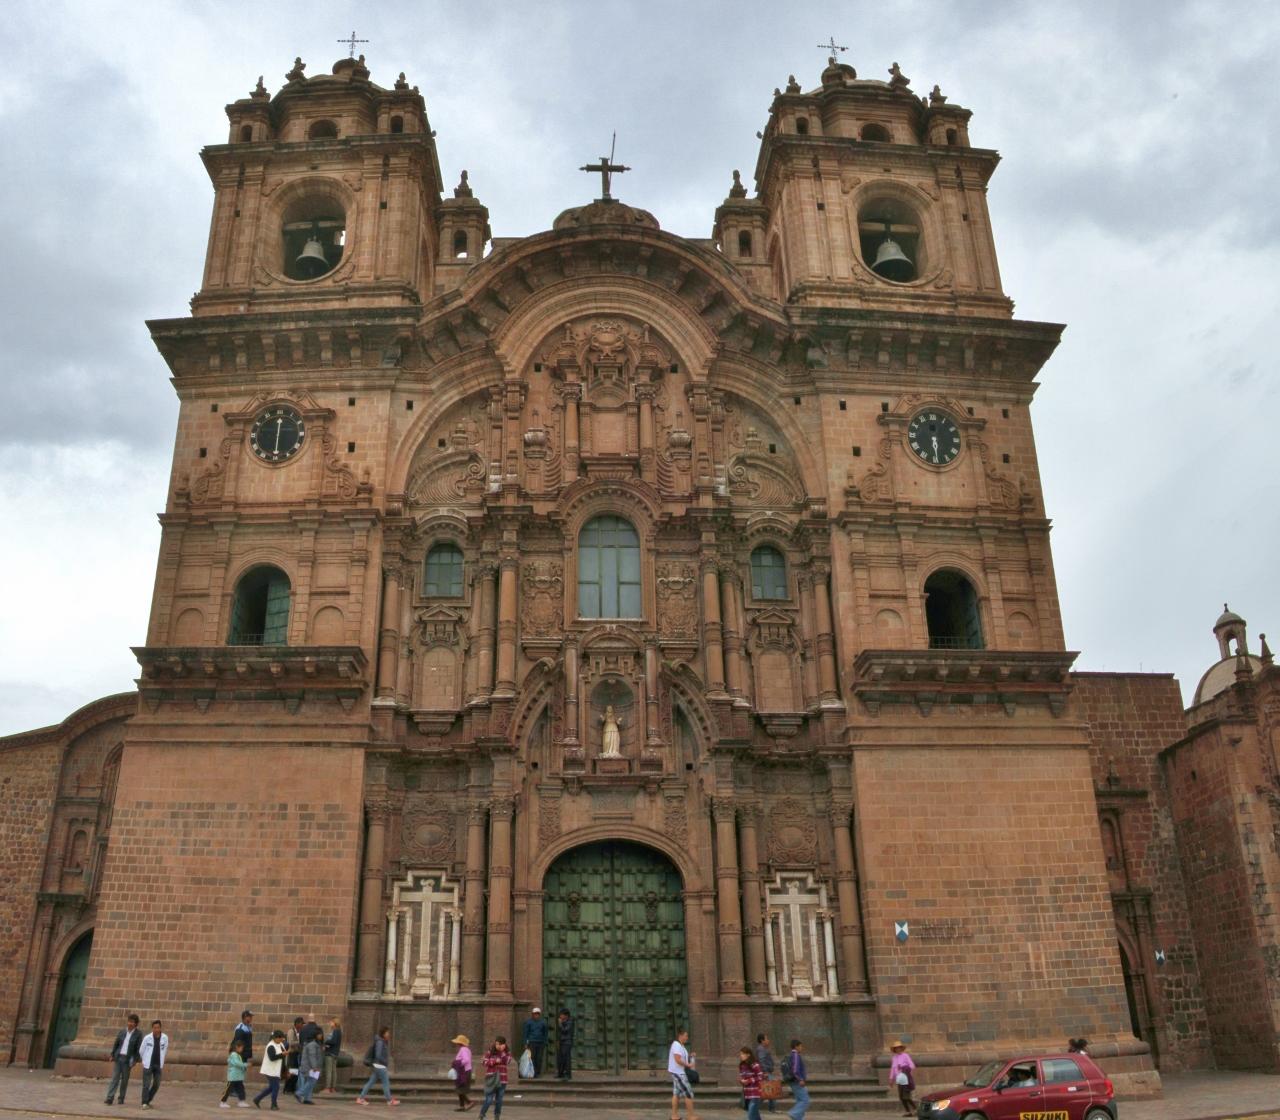 Iglesia de la Compañía de Jesus, built by the Jesuits in 1576